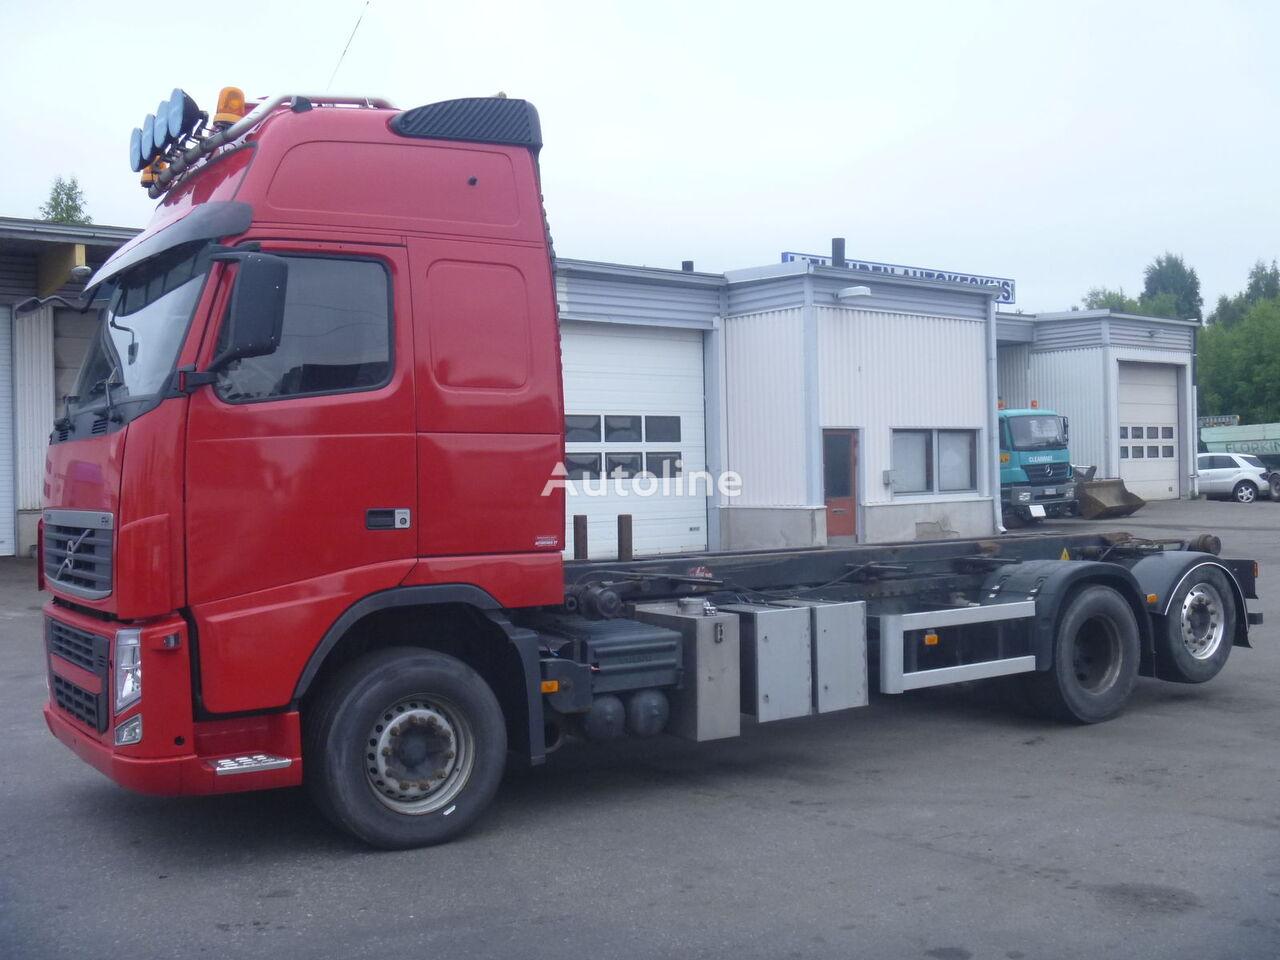 VOLVO FH13 kamion sa kukom za podizanje tereta